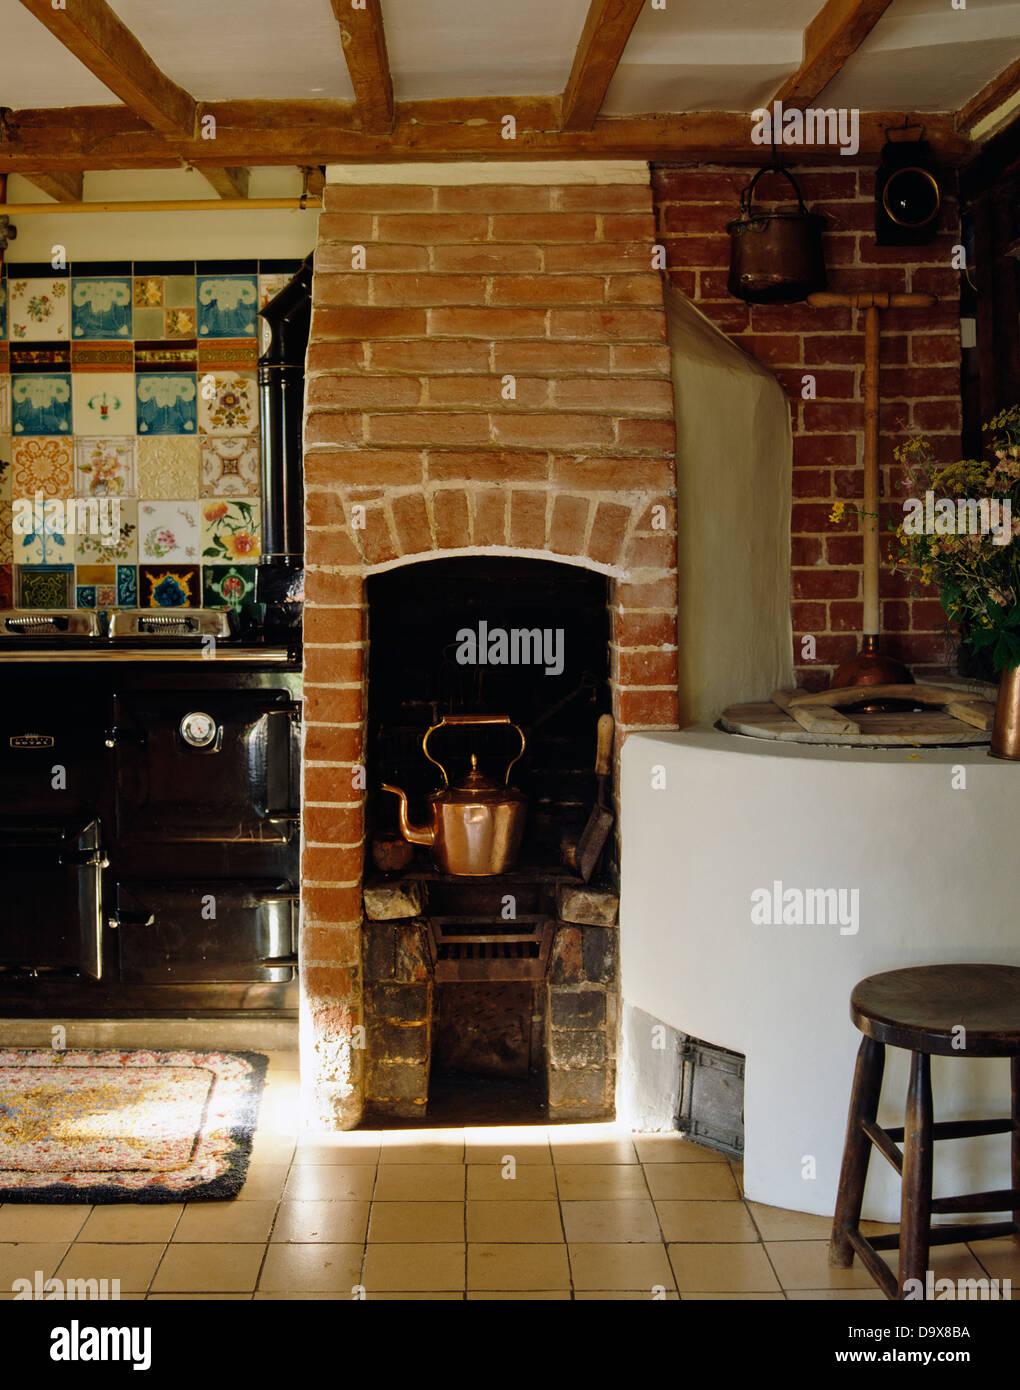 Kupferkessel auf original Ziegel Holzofen im Landhaus-Küche mit ...